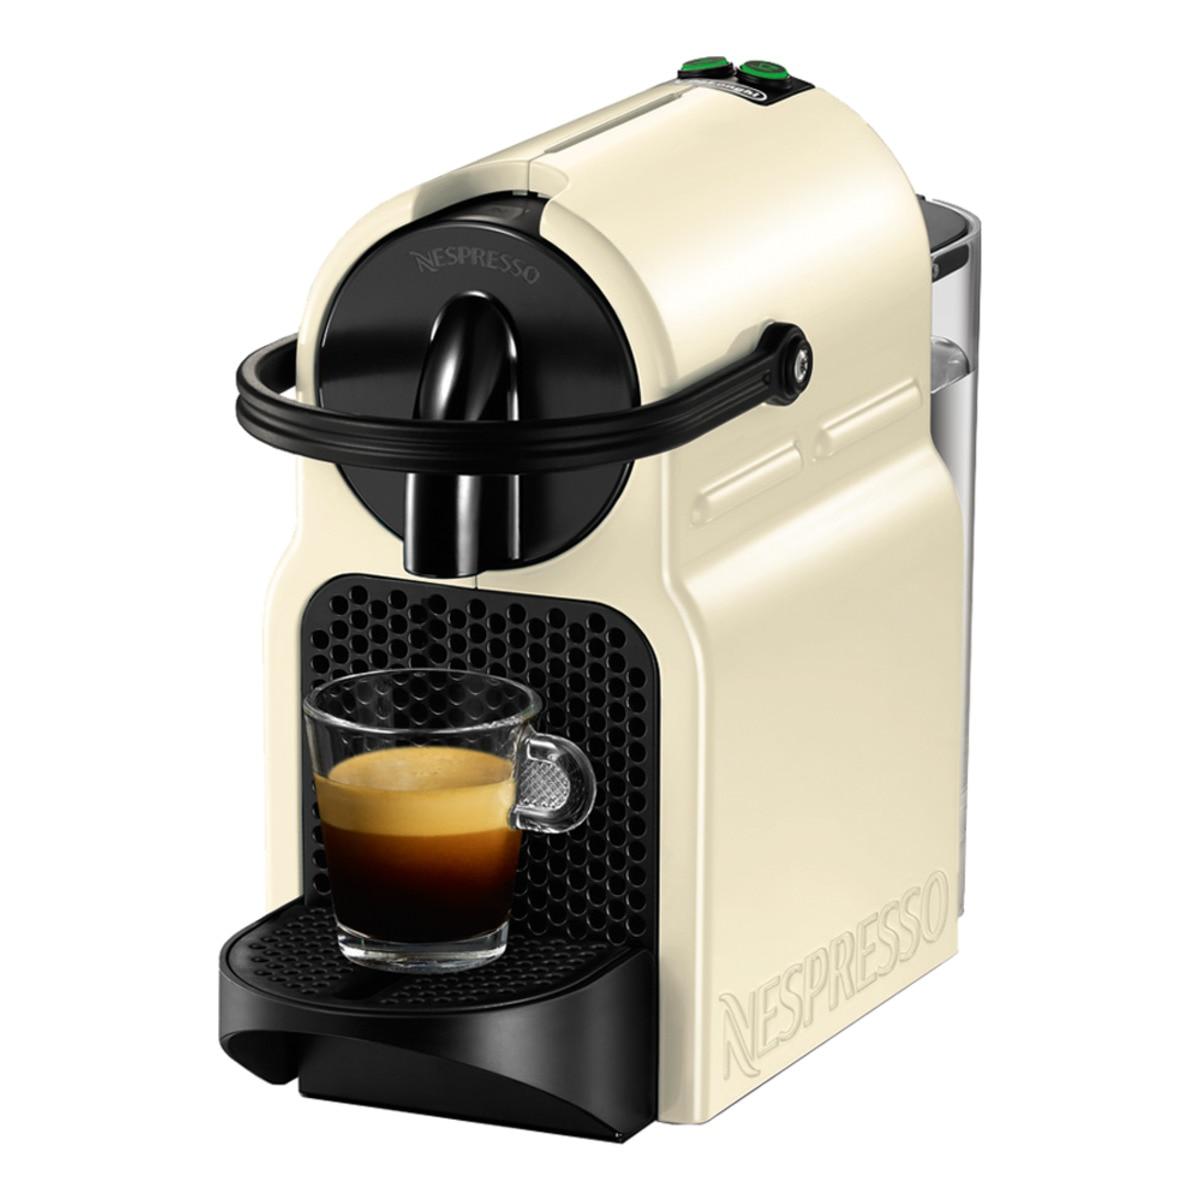 Cafetera espresso automática De'Longhi Inissia EN80CW para cápsulas Nespresso